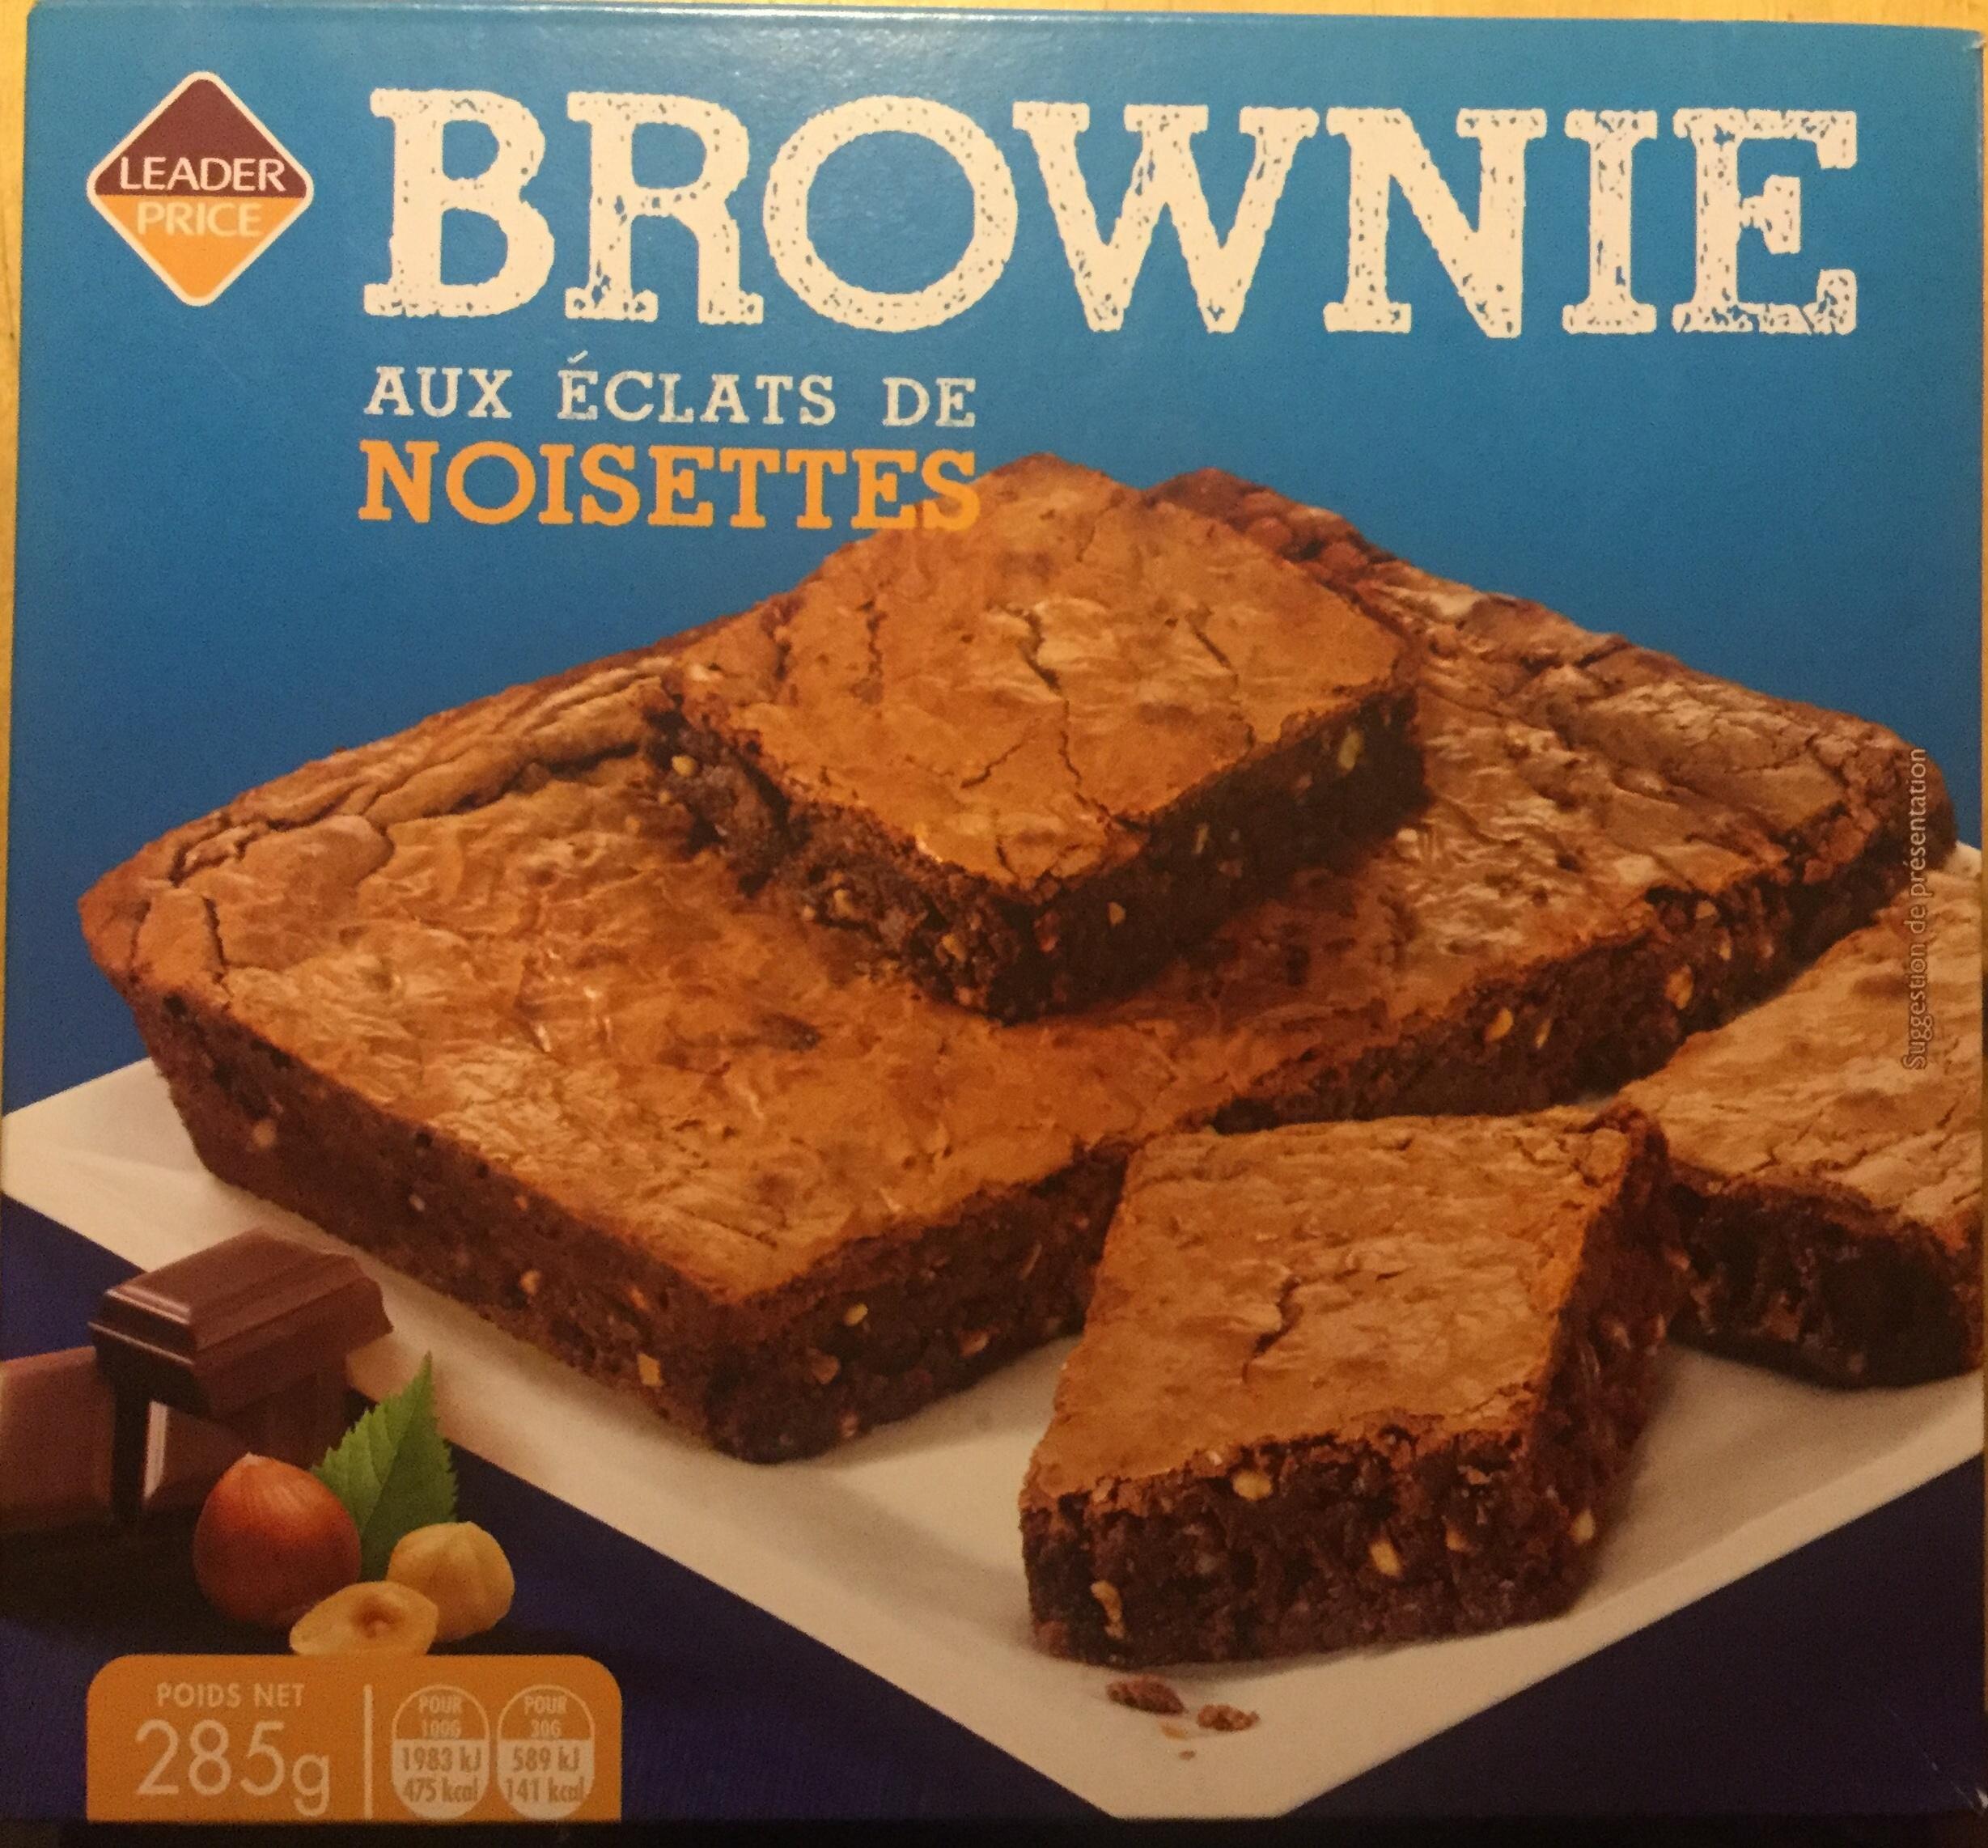 Brownie aux éclats de noisettes - Produit